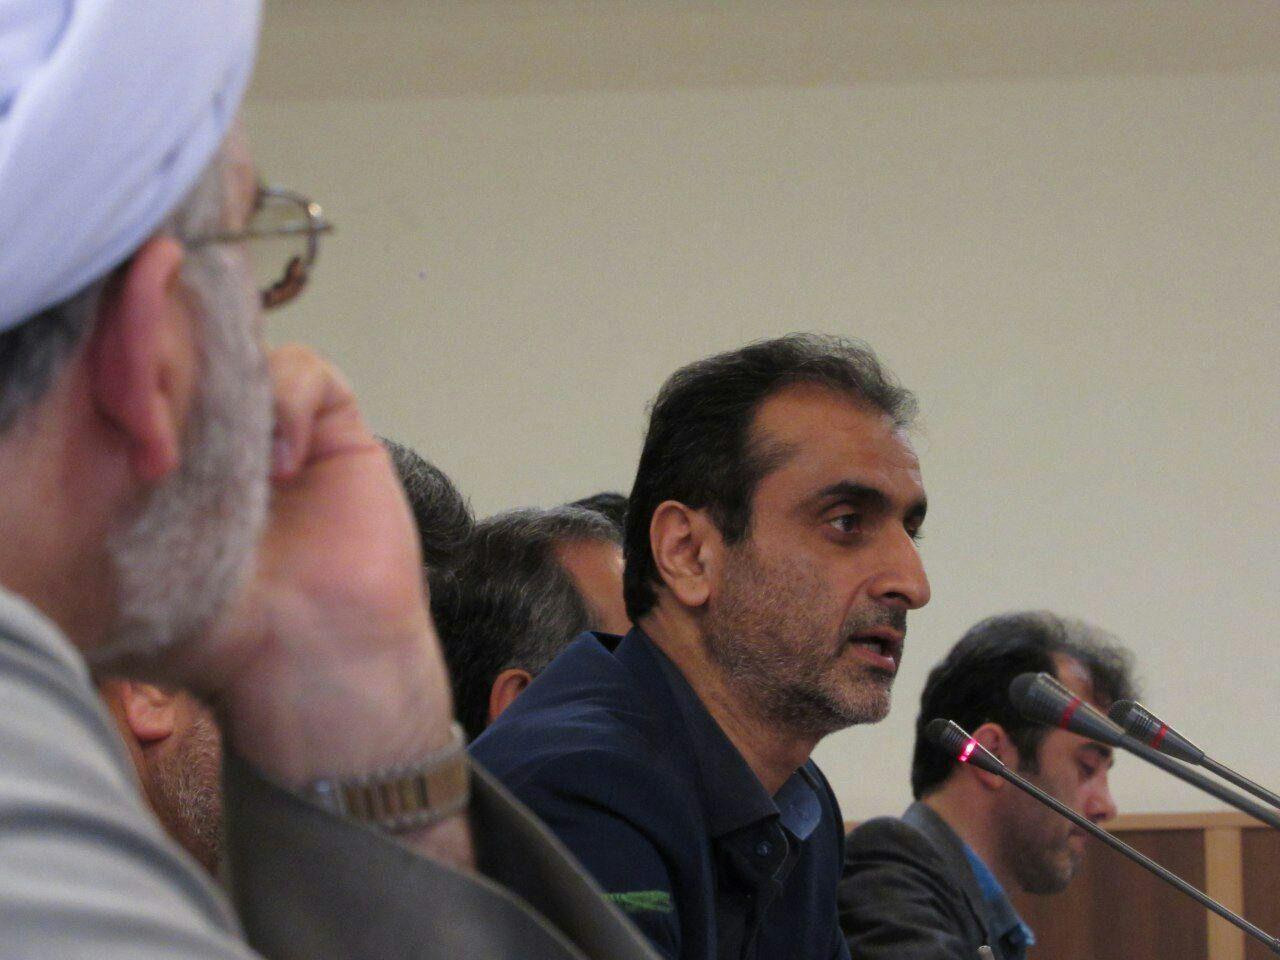 روز قدس، از معمار کبیر انقلاب برای ما به یادگار مانده است | اعلام مسیر راهپیمایی روز قدس در لاهیجان